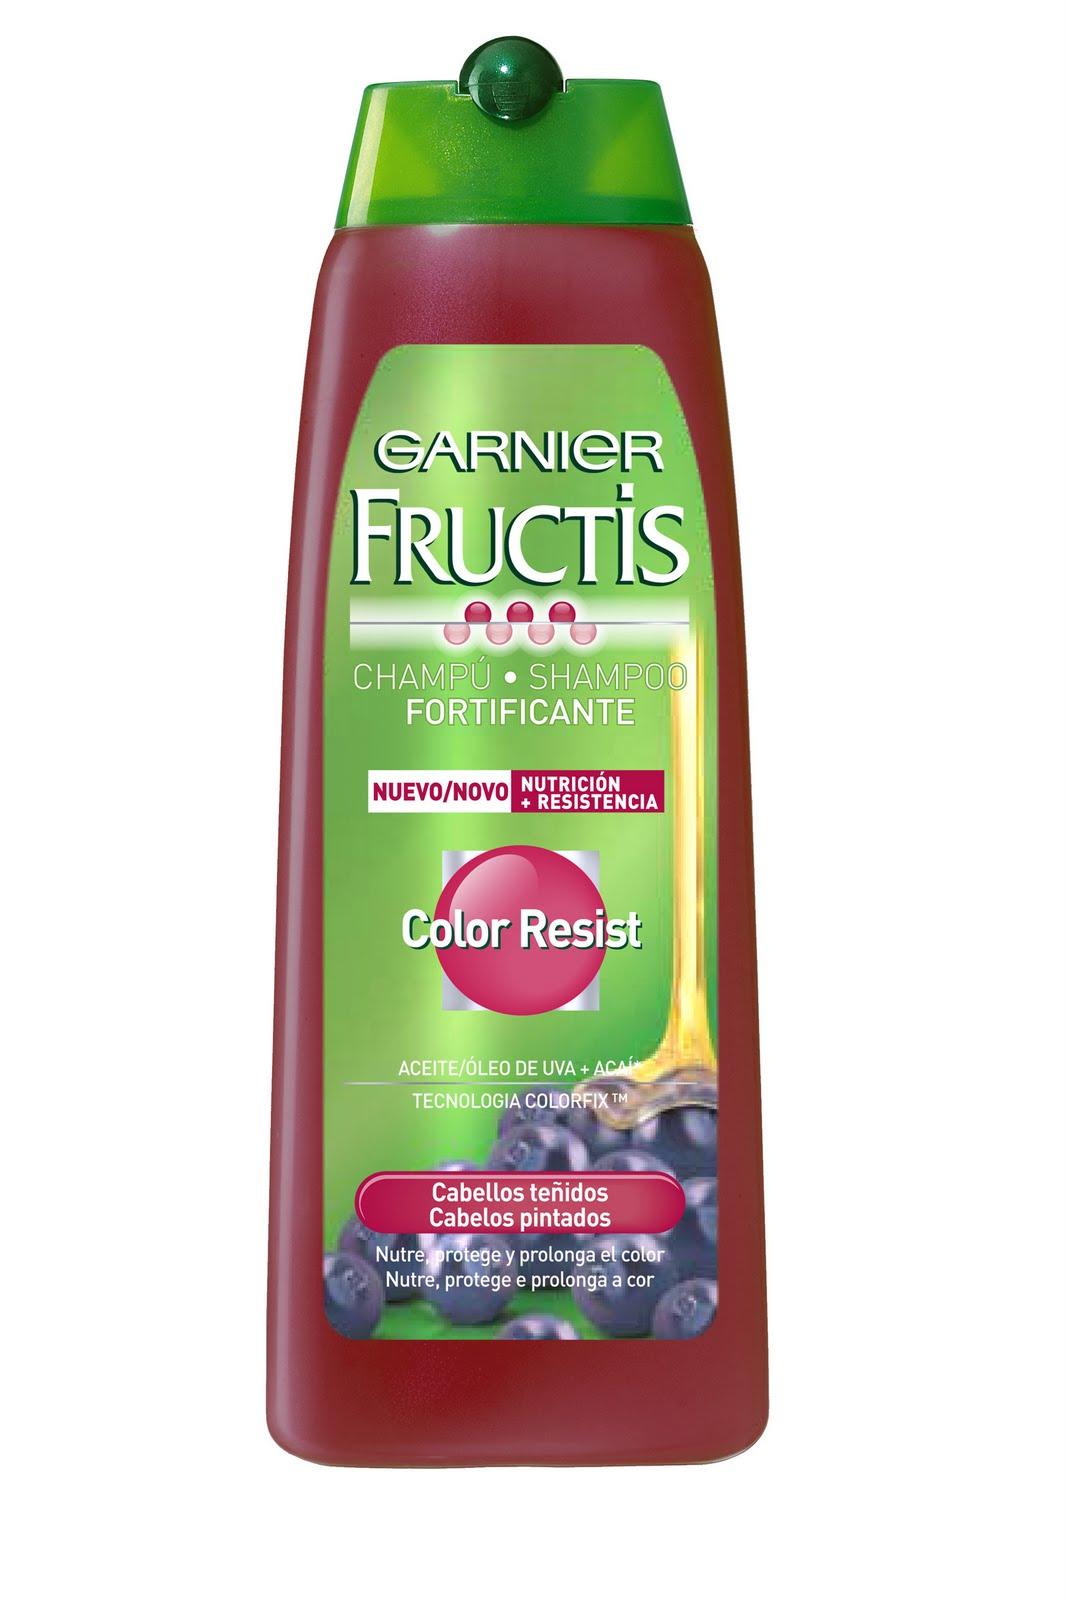 lo primero que me gusta de la lnea es el olor es un olor maravilloso de frutas limpio agradable y es de esos olores que incitan a la gente a decir - Fructis Color Resist